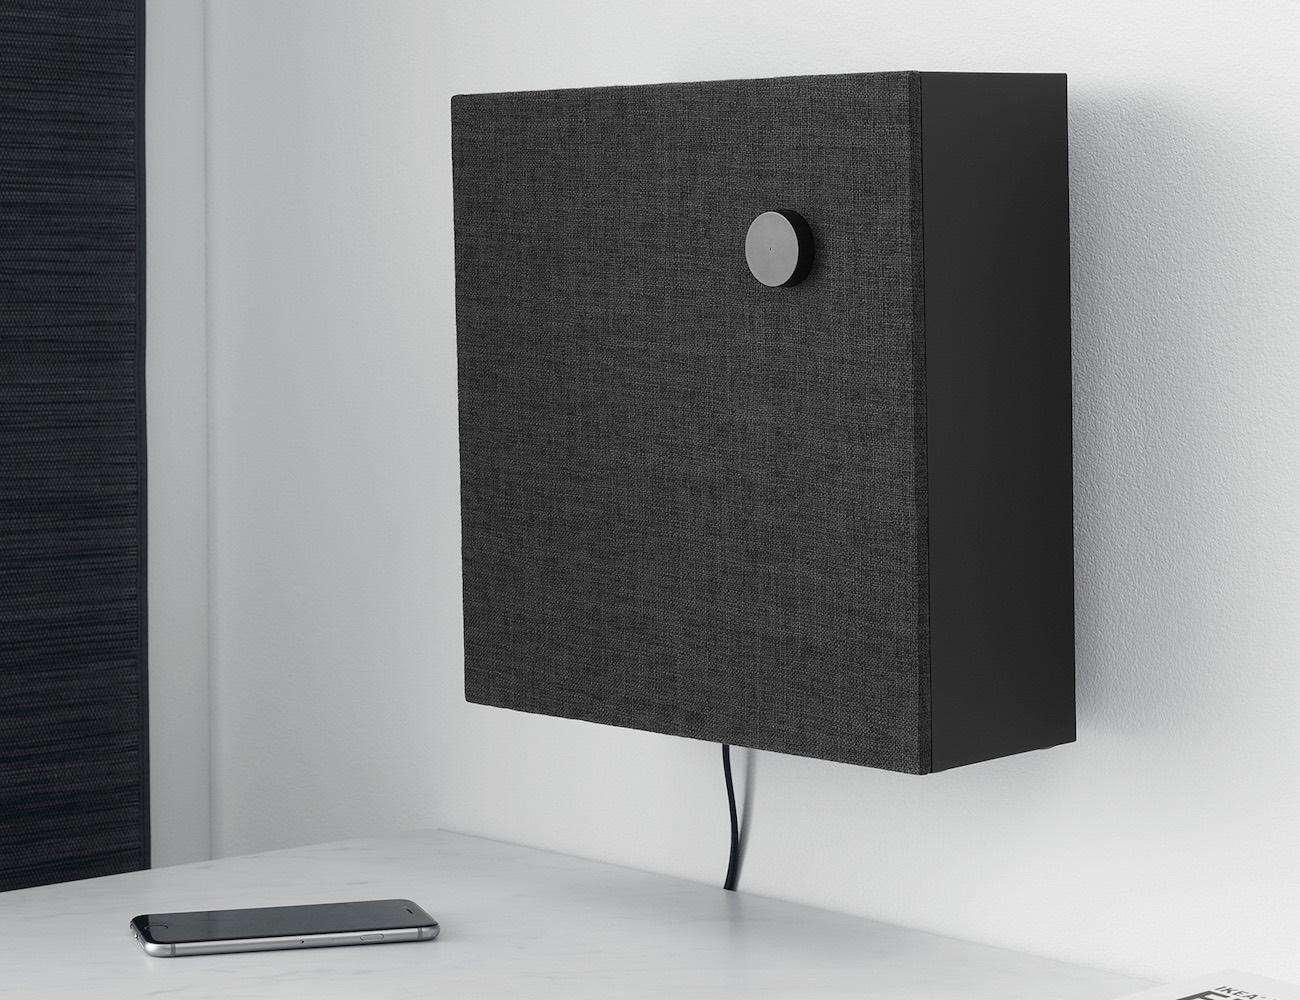 Ikea ENEBY Minimalist Bluetooth Speakers